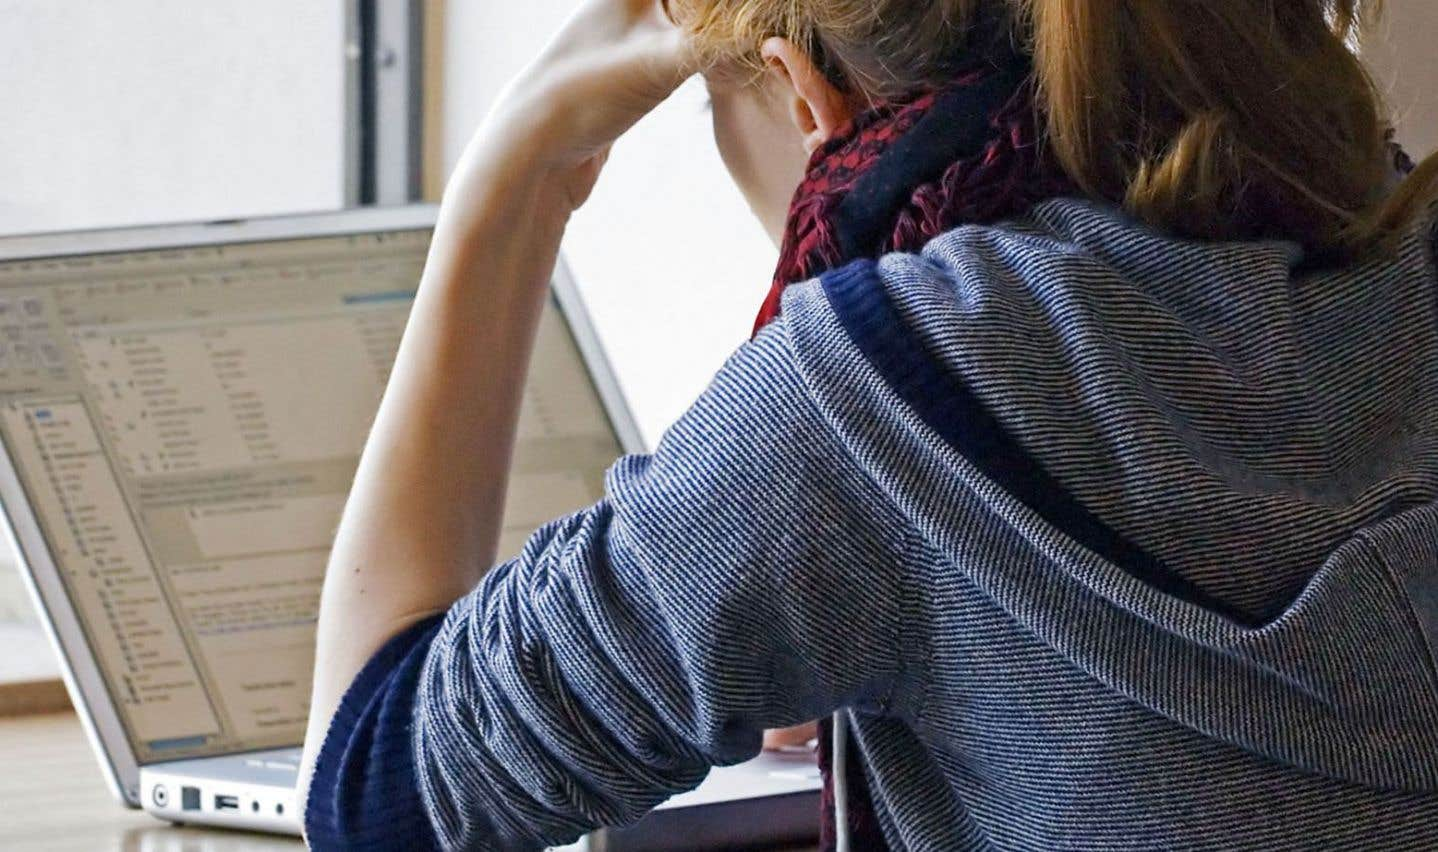 La distinction entre formation à distance et en classe tend à être de plus en plus ténue, selon la nouvelle directrice de l'enseignement et de la recherche de la TELUQ, Caroline Brassard.